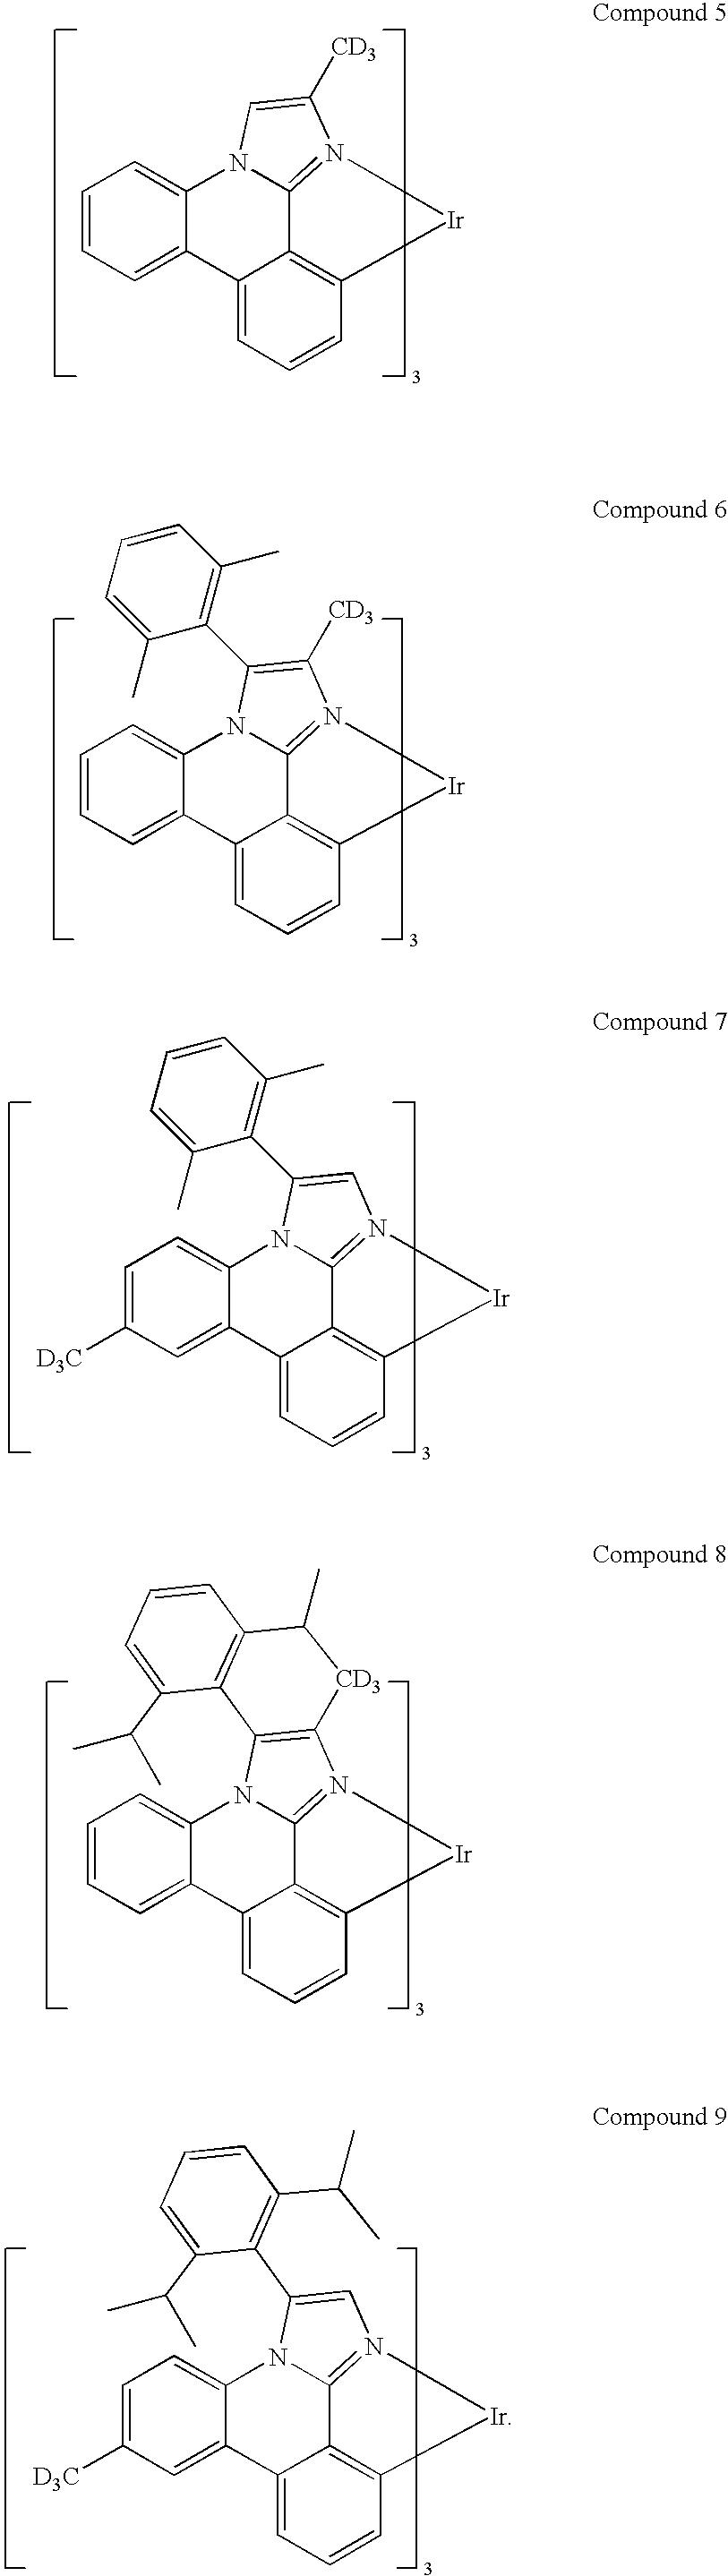 Figure US20100270916A1-20101028-C00183